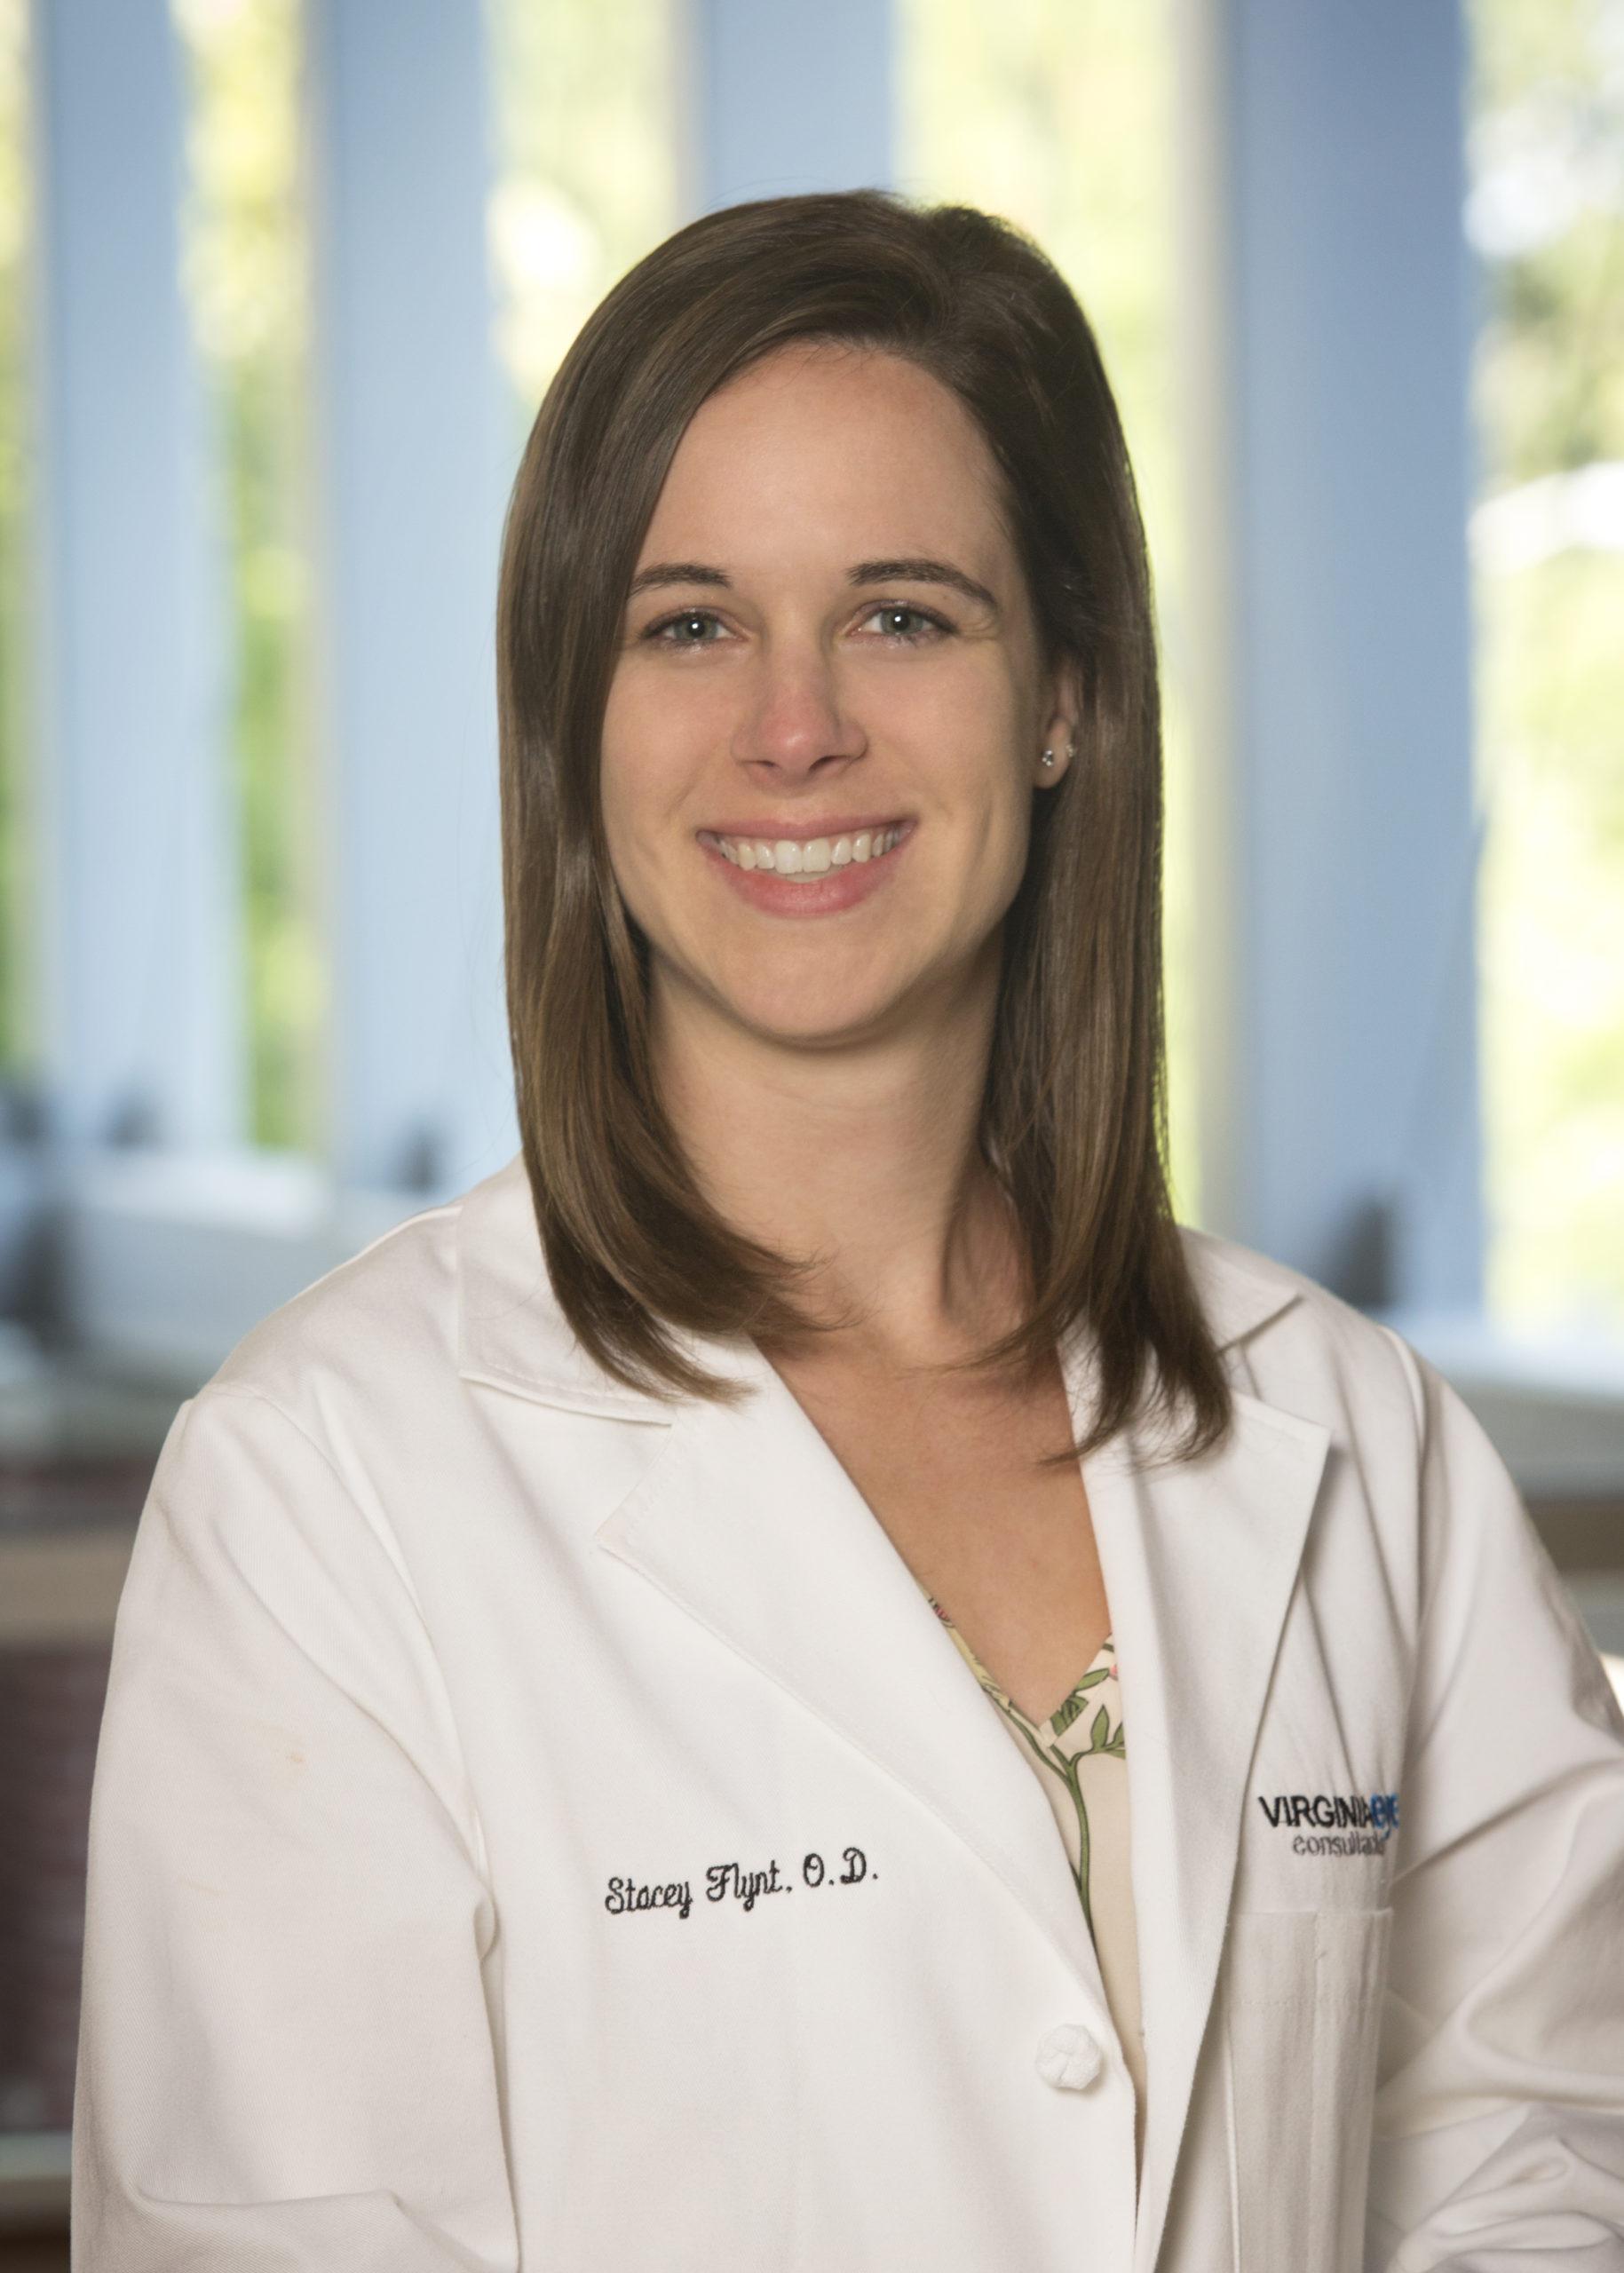 Dr. Stacey Flynt